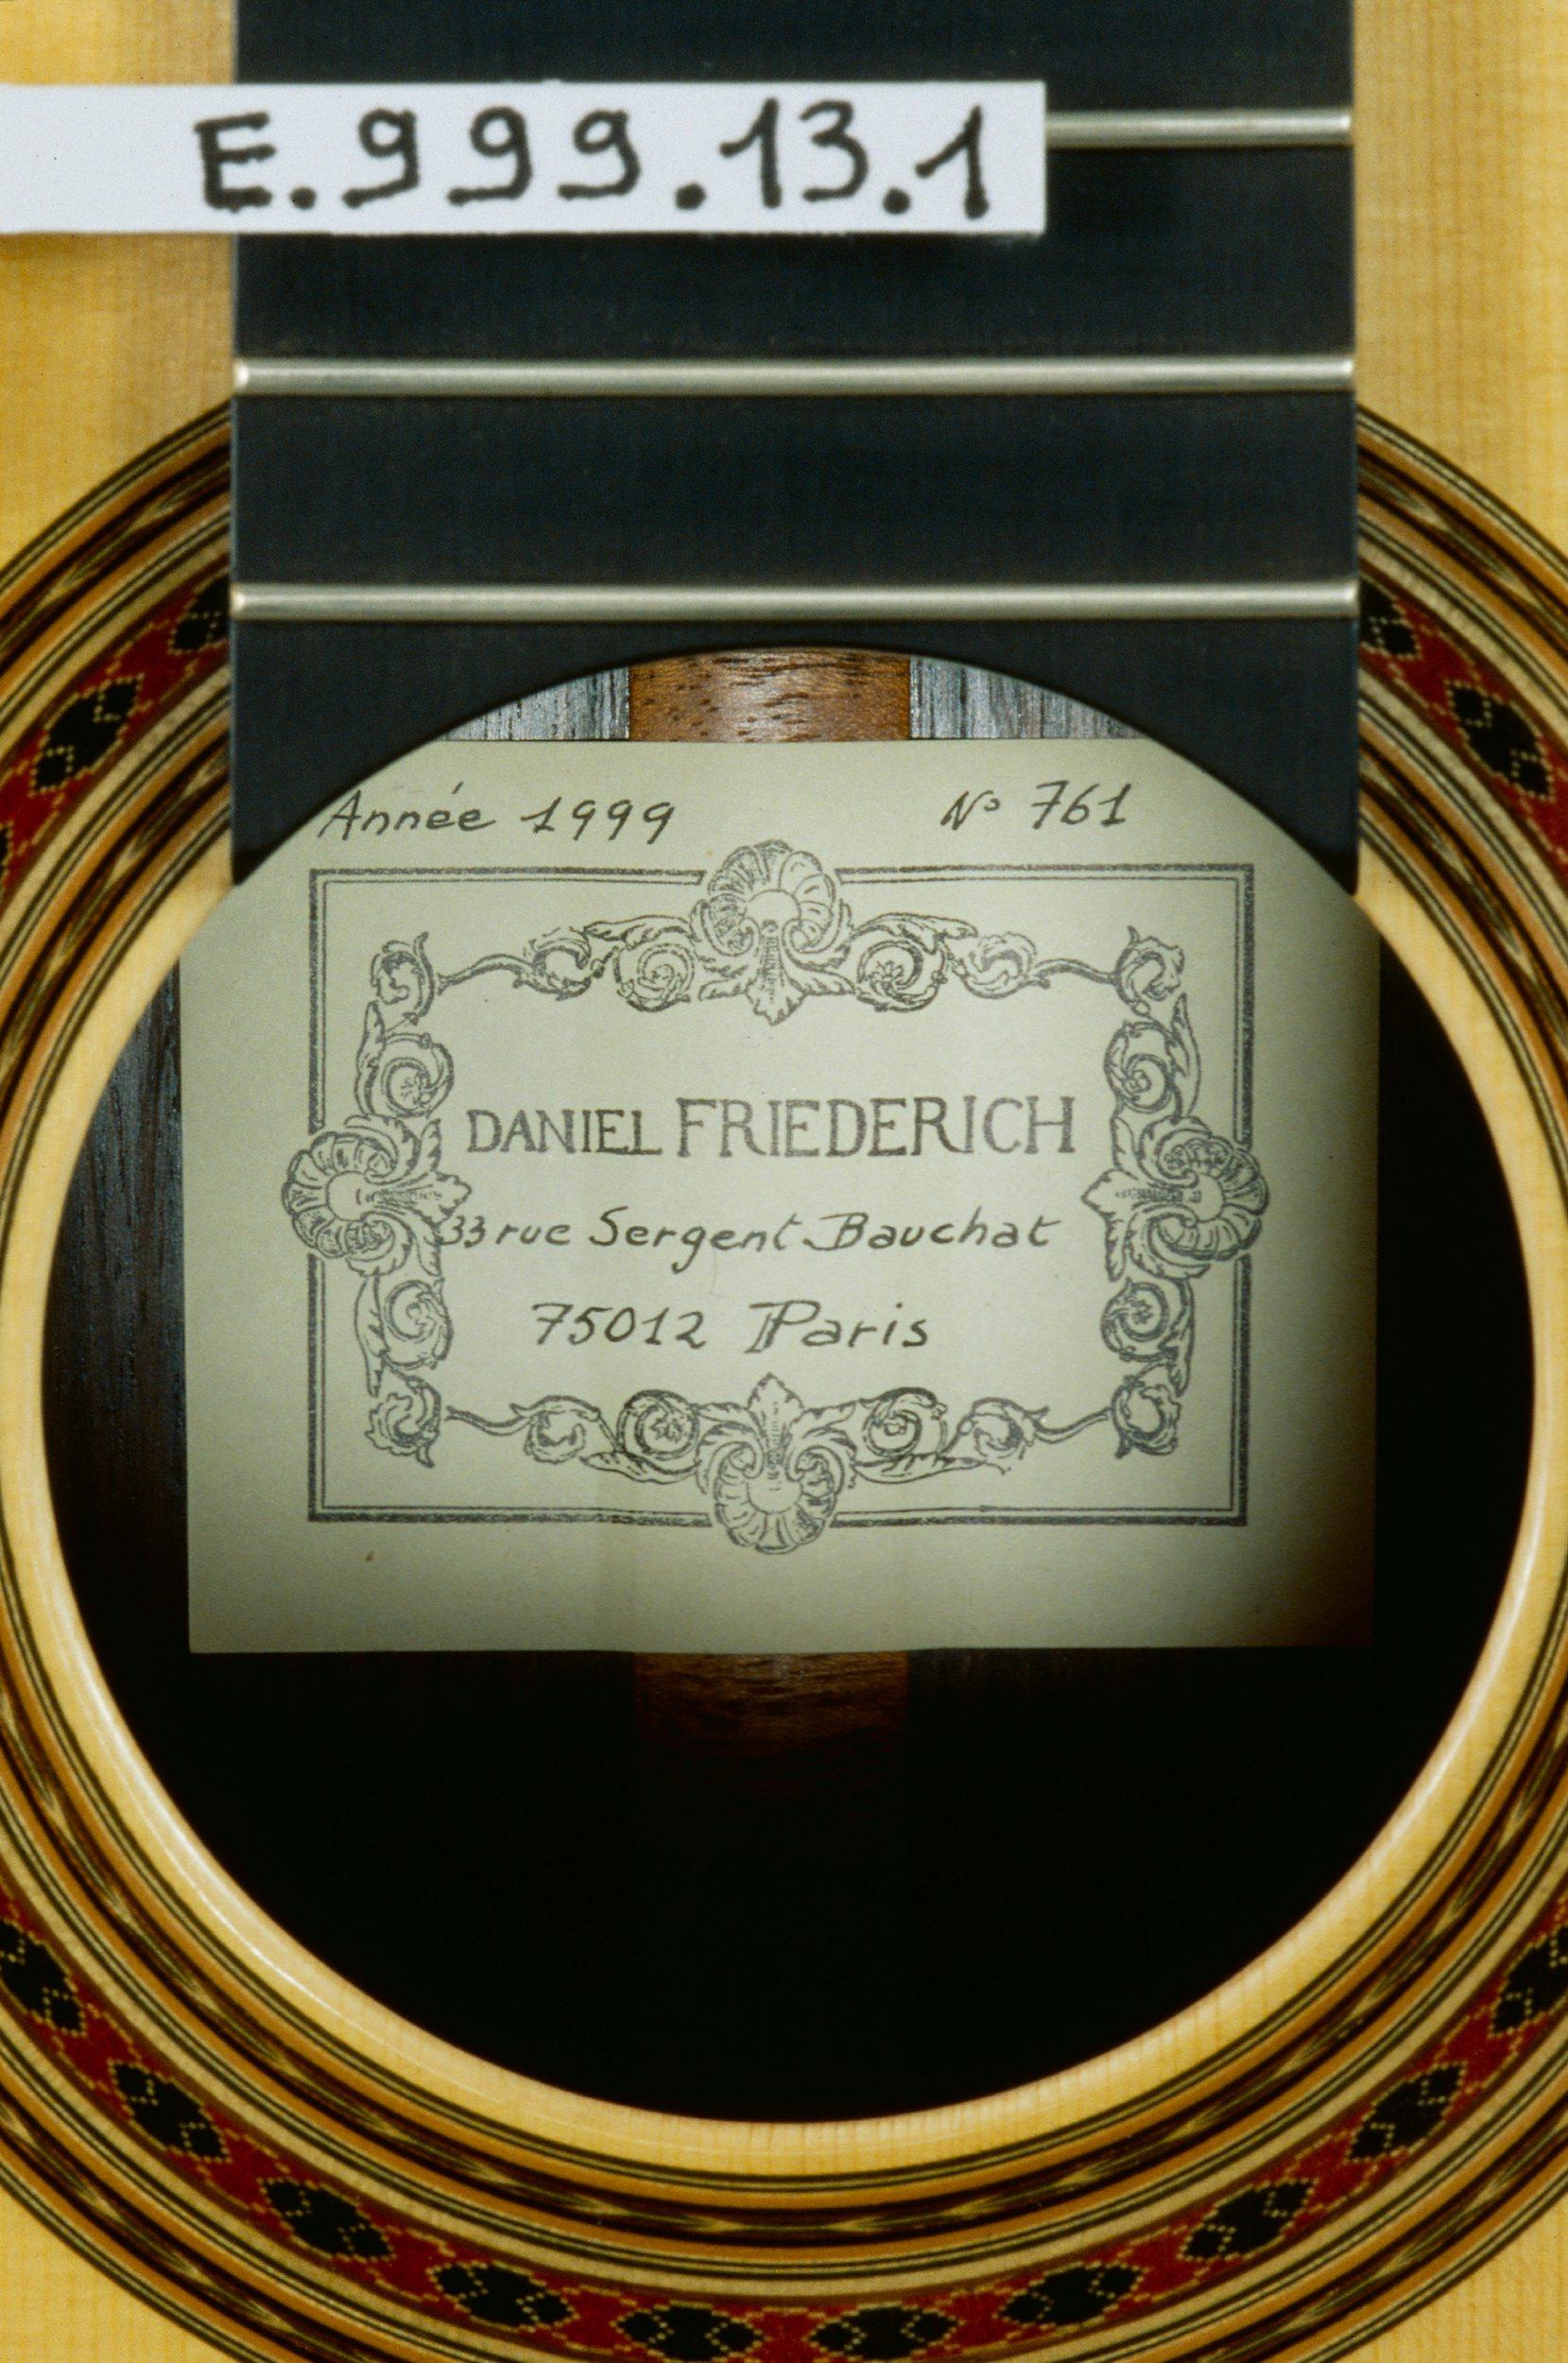 guitare daniel friedrich